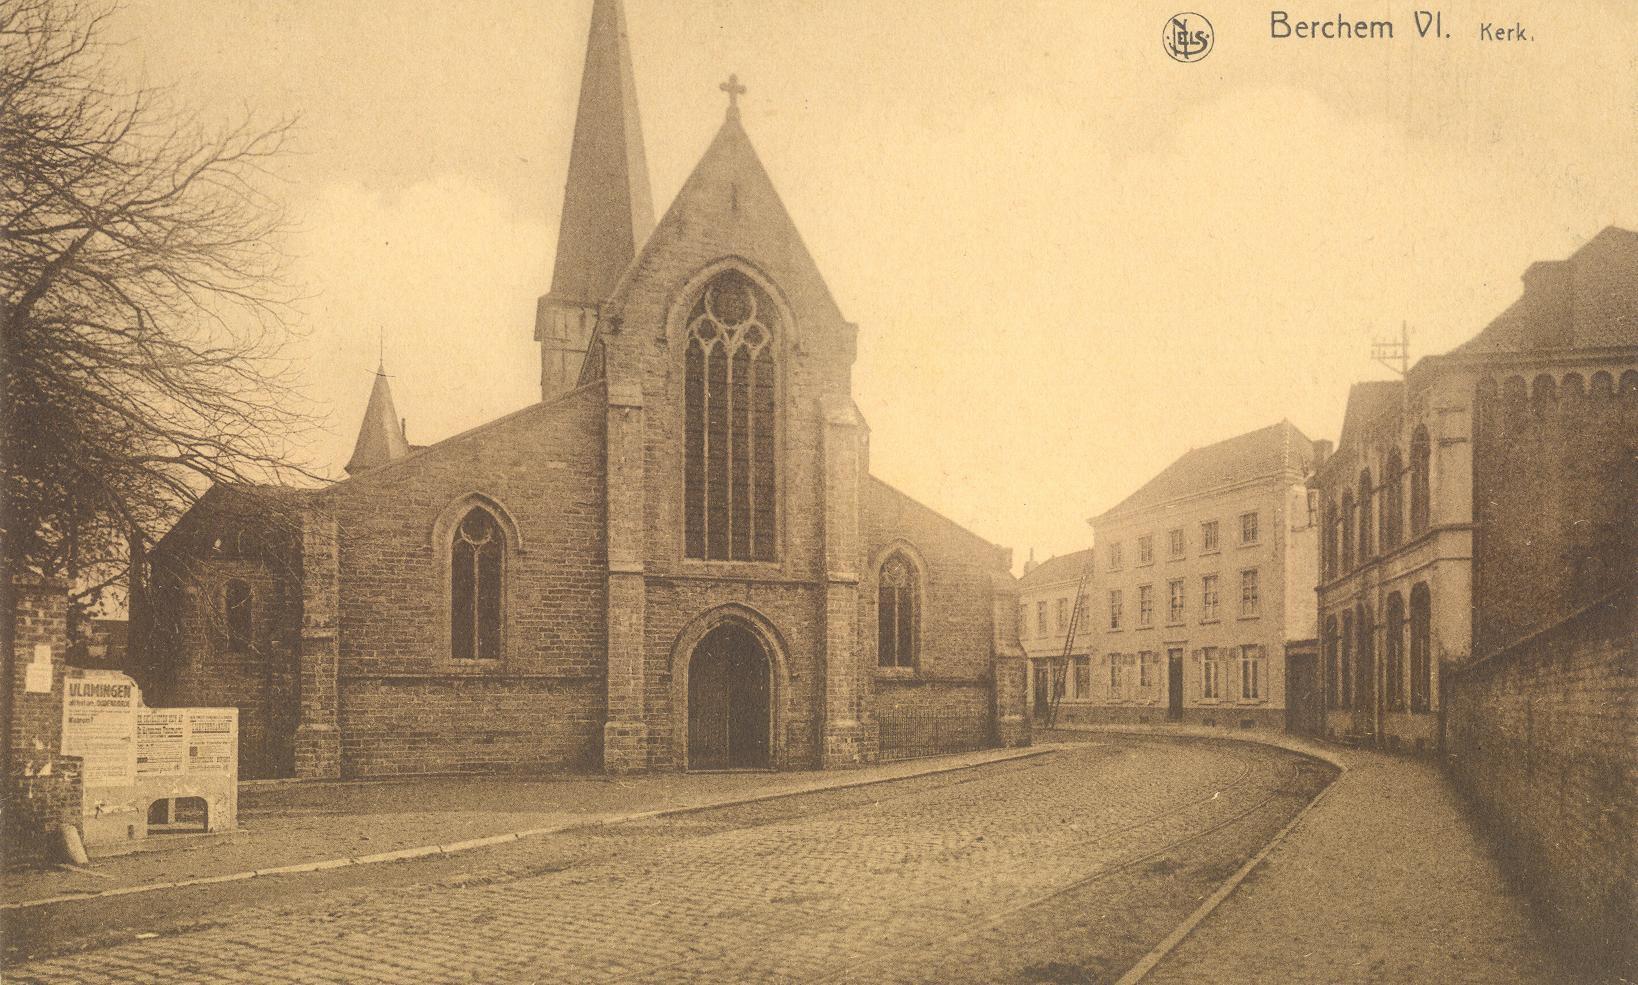 EK 94 Berchem kerk.JPG